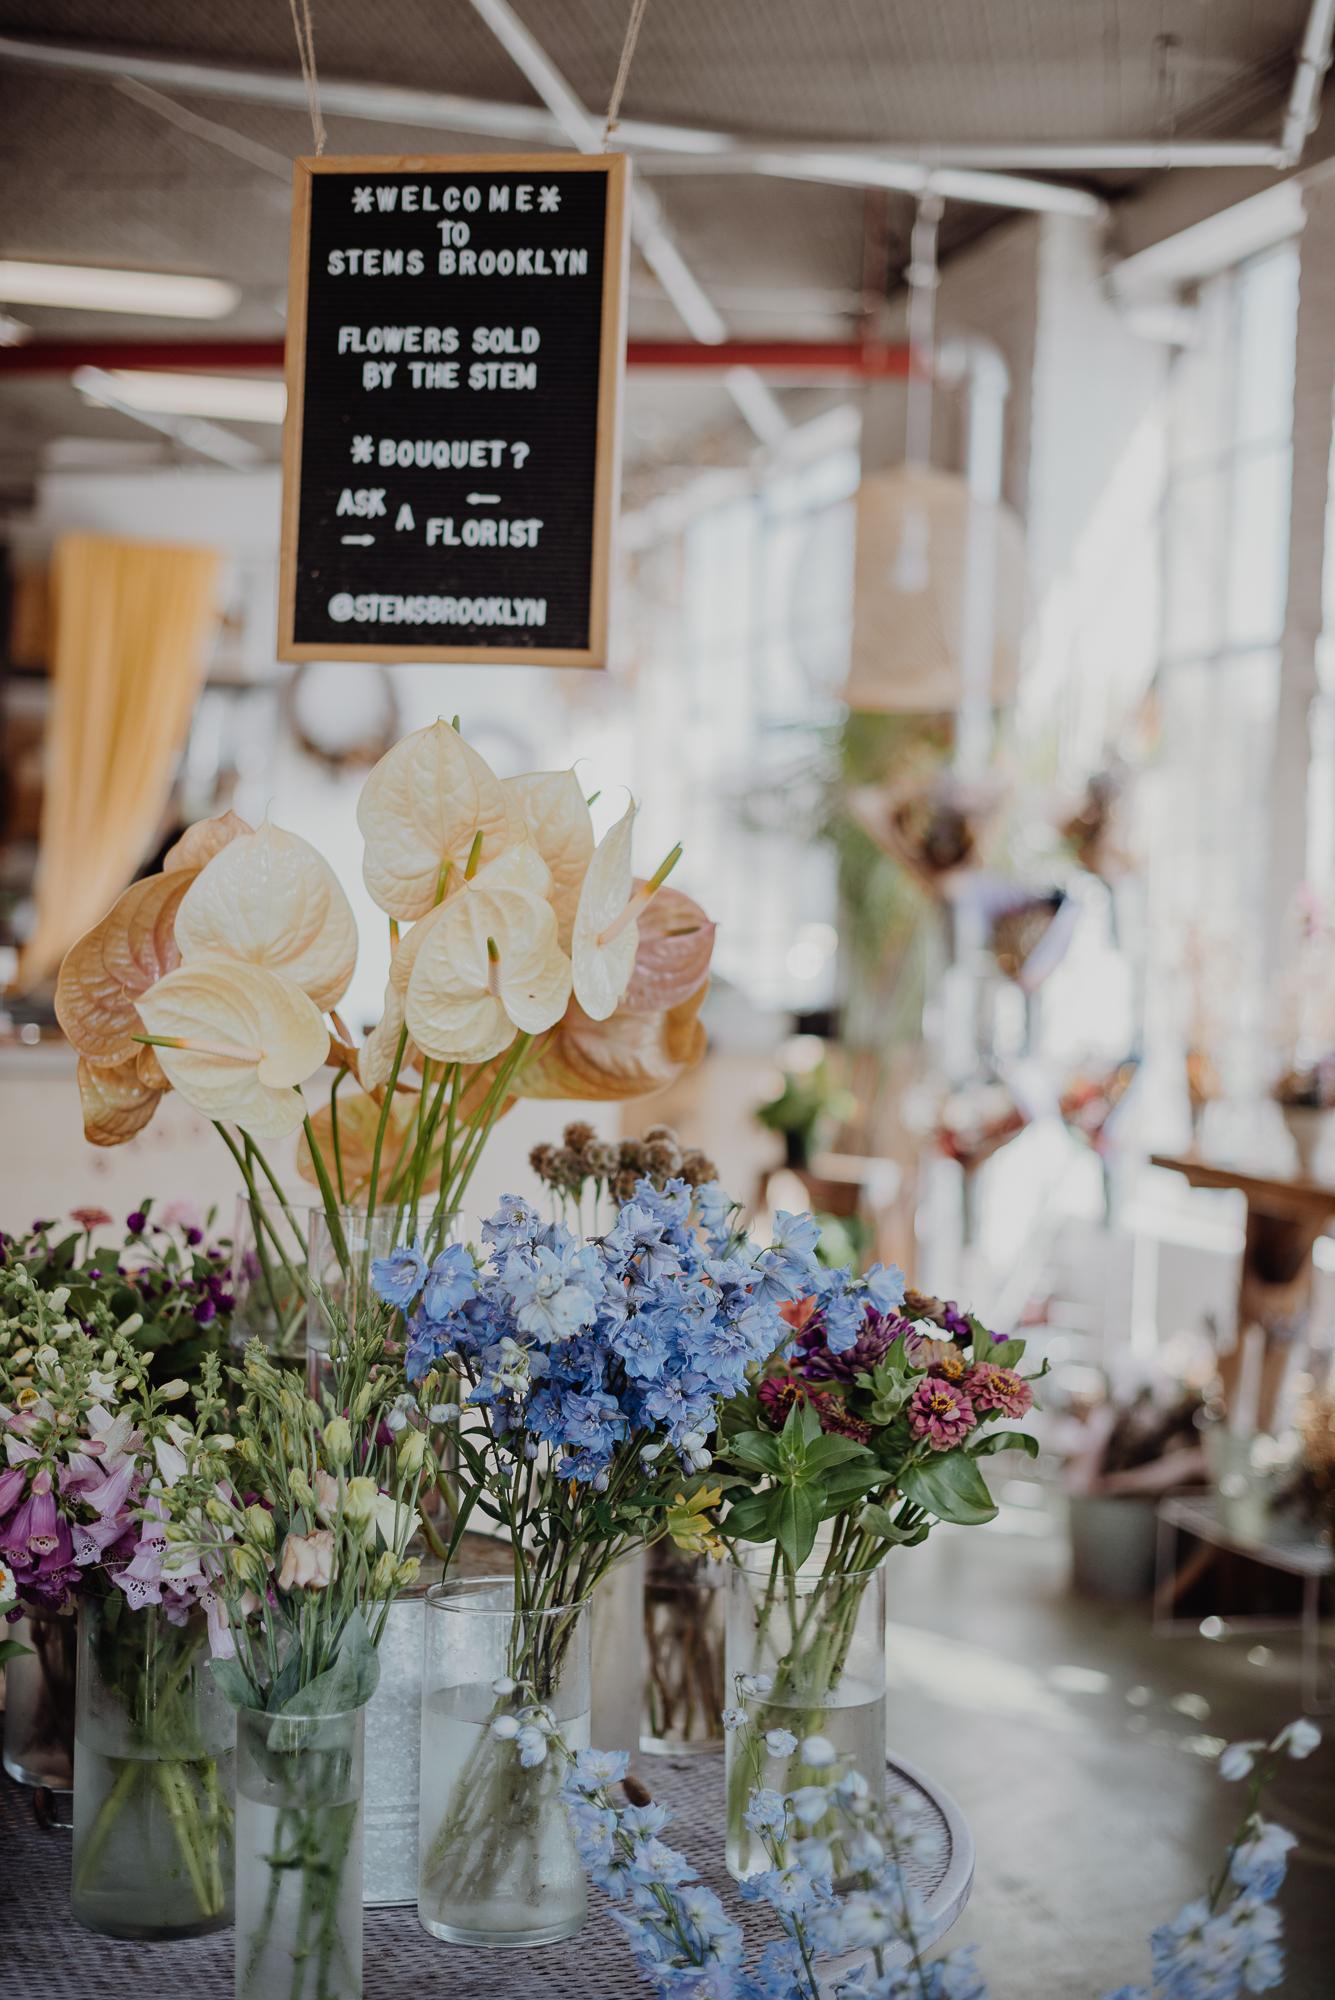 Brooklyn wedding florist Stems Brooklyn